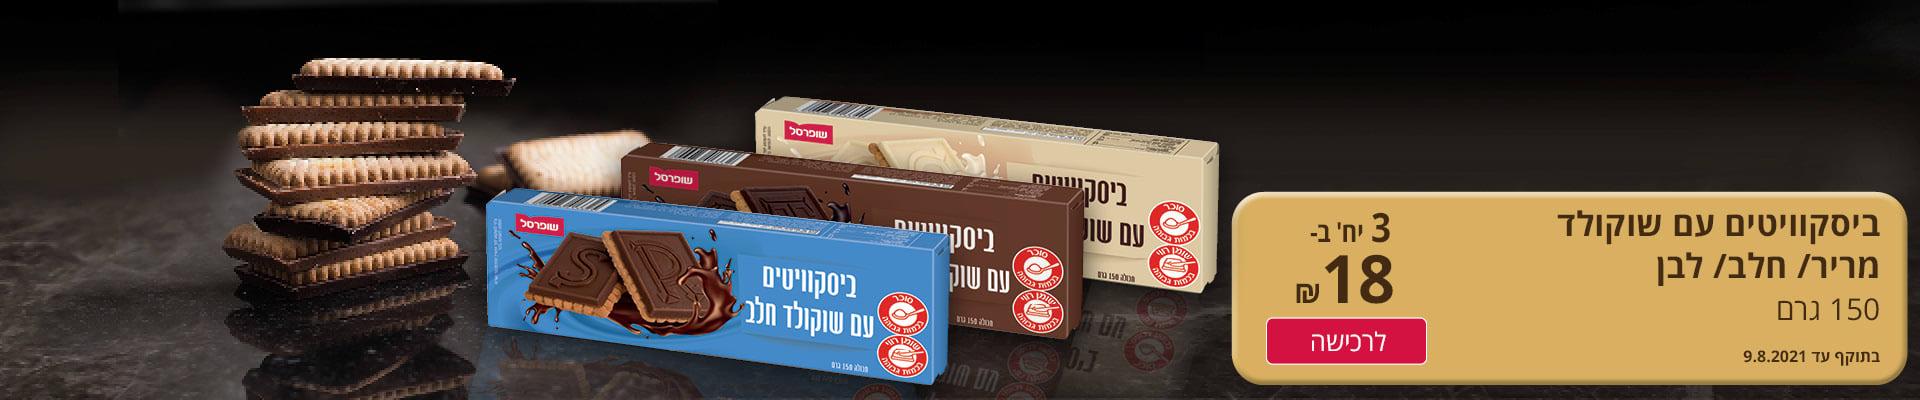 ביסקוויטים עם שוקולד מריר/חלב/לבן 150 גרם 3 יח' ב- 18 ₪ לרכישה בתוקף עד 9.8.2021